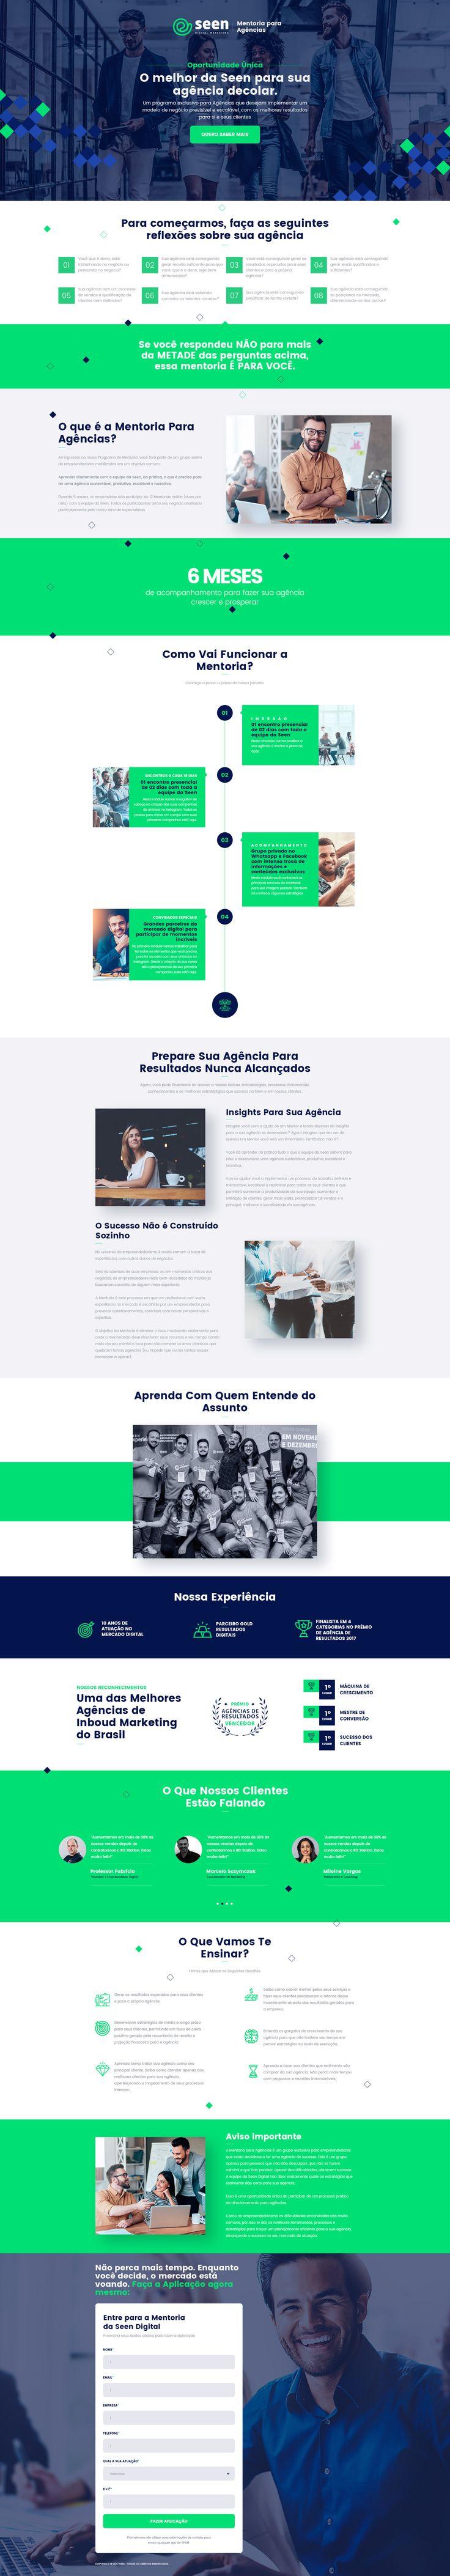 Projeto criado para a Seen Digital - Mentoria para Agências com assinatura da Dinamite Criativa